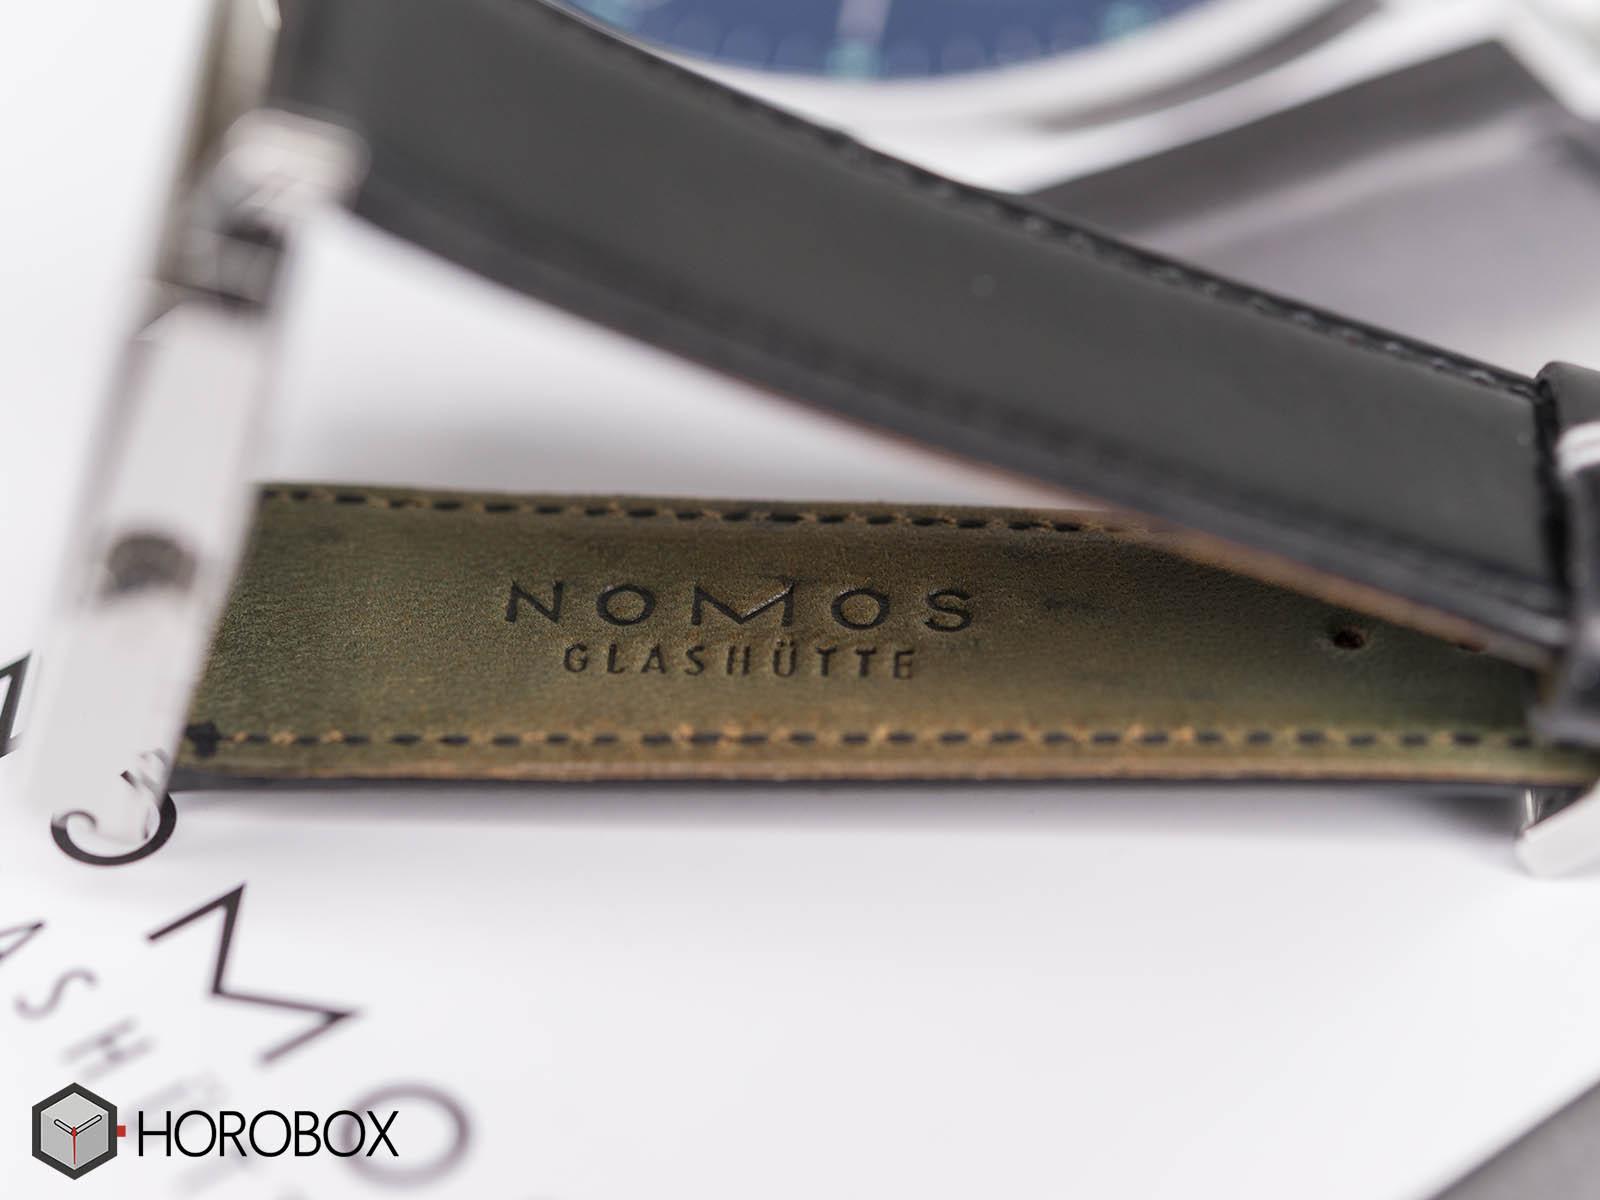 nomos-glashutte-tetra-nachtblau-6-.jpg